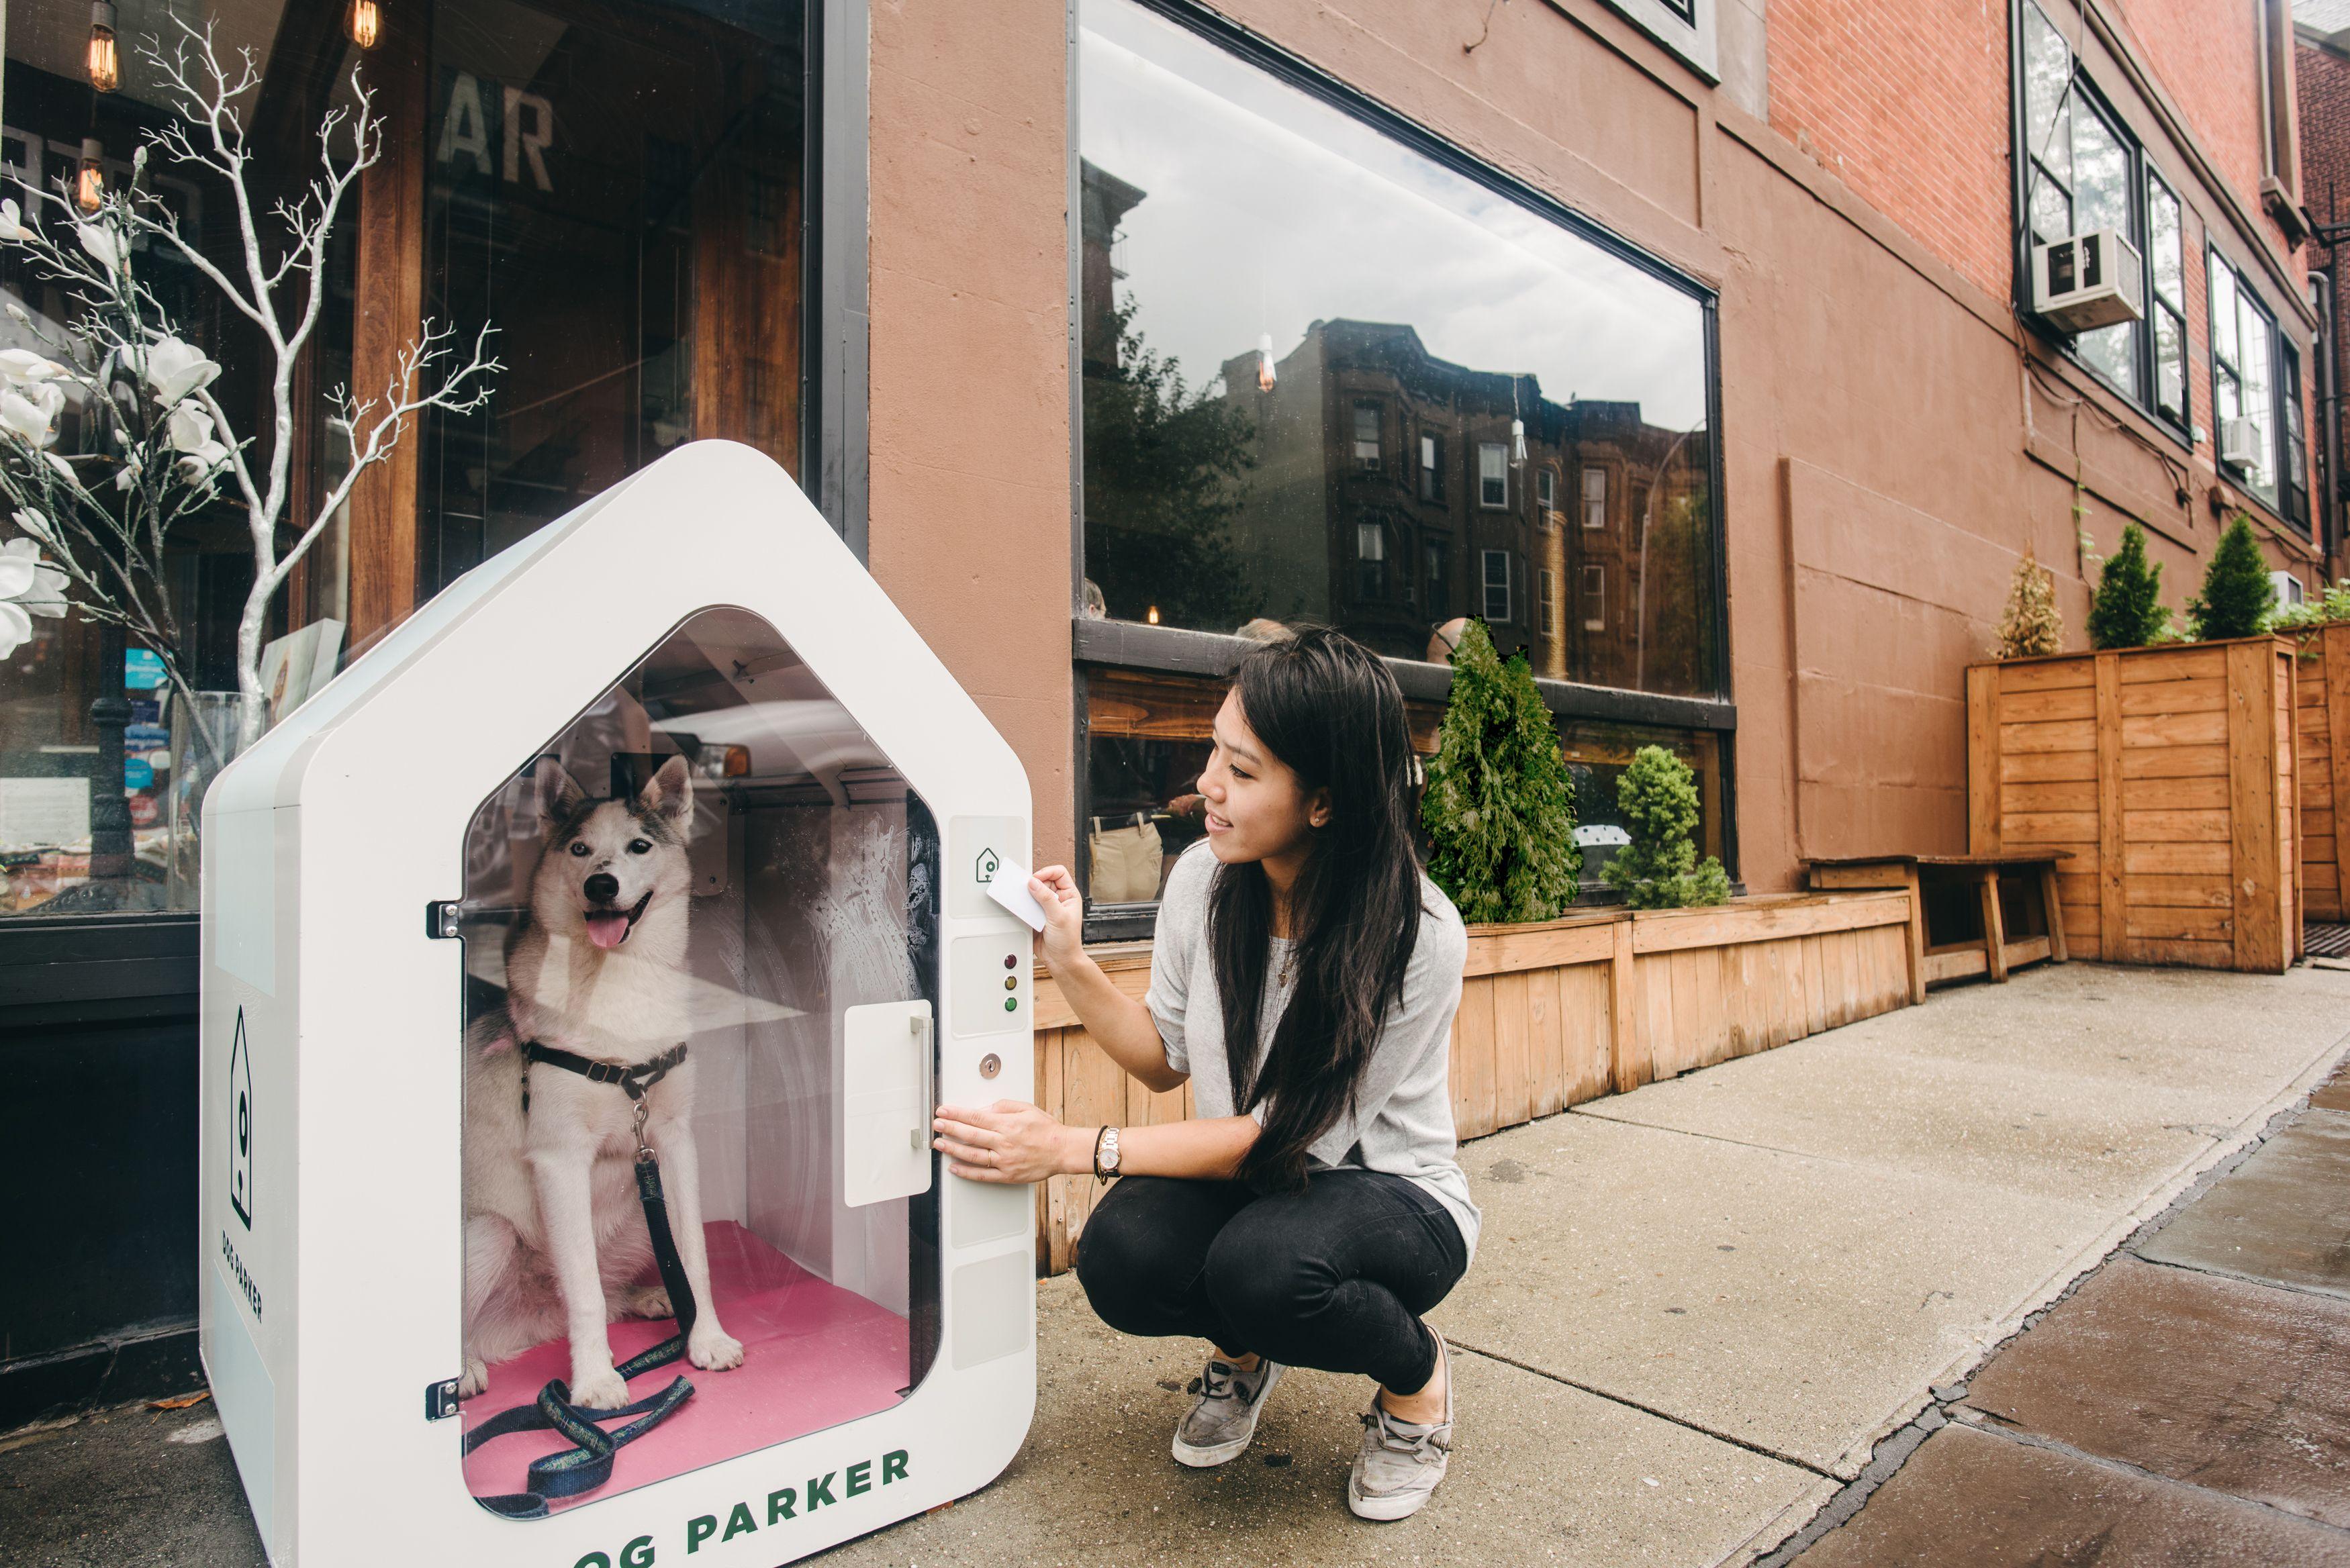 Pilot tester for Dog Parker with Husky